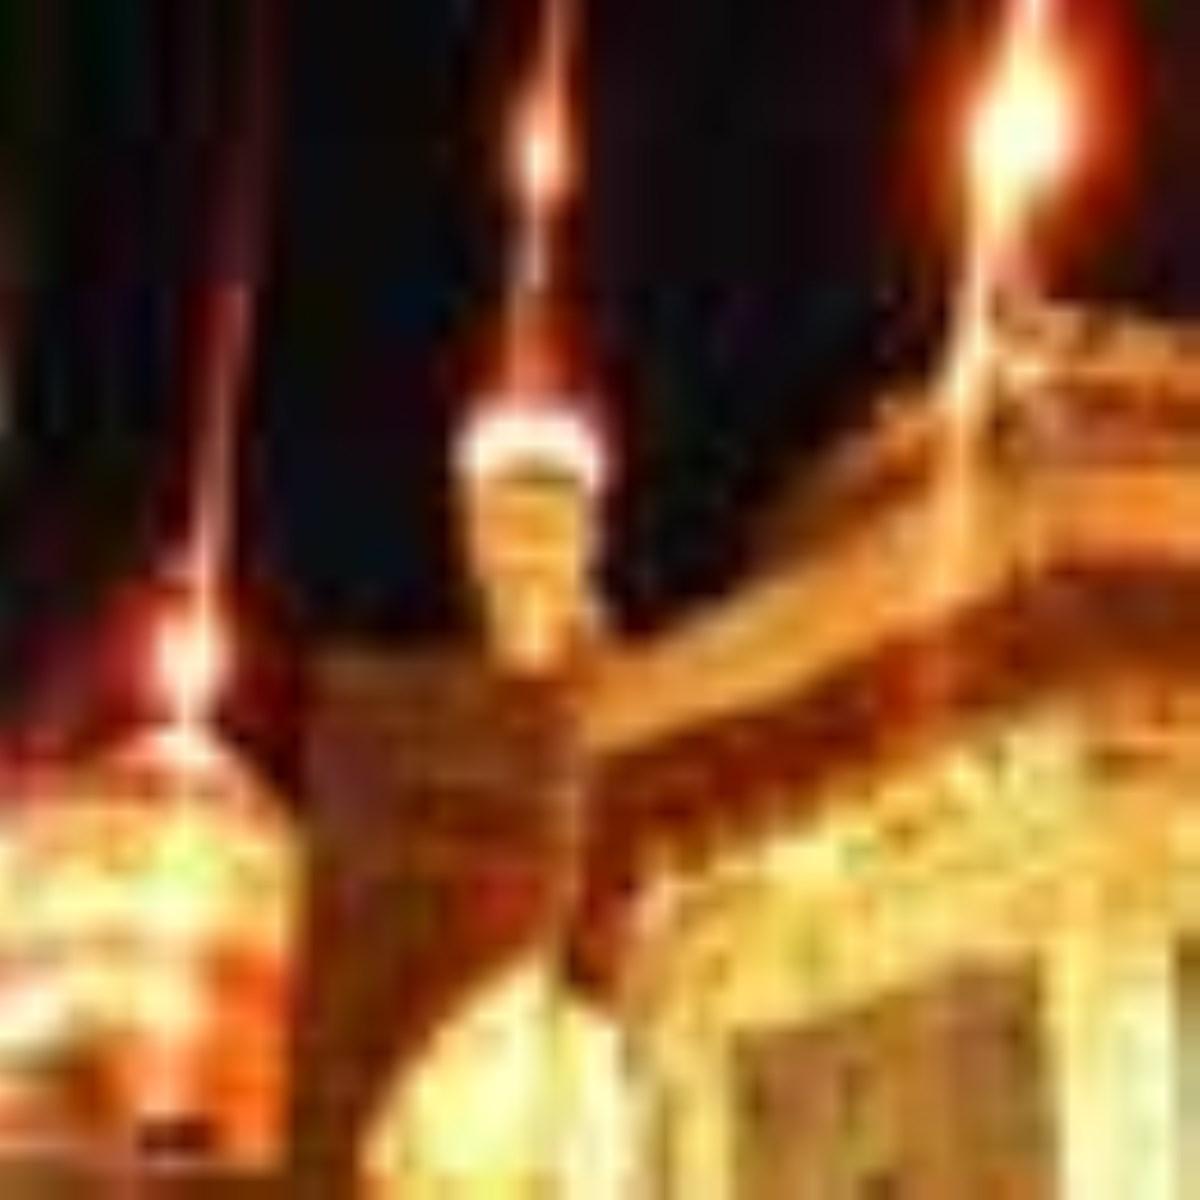 مسئله ي ولايتعهدي  امام رضا عليه السلام و نقل هاي تاريخي (1)